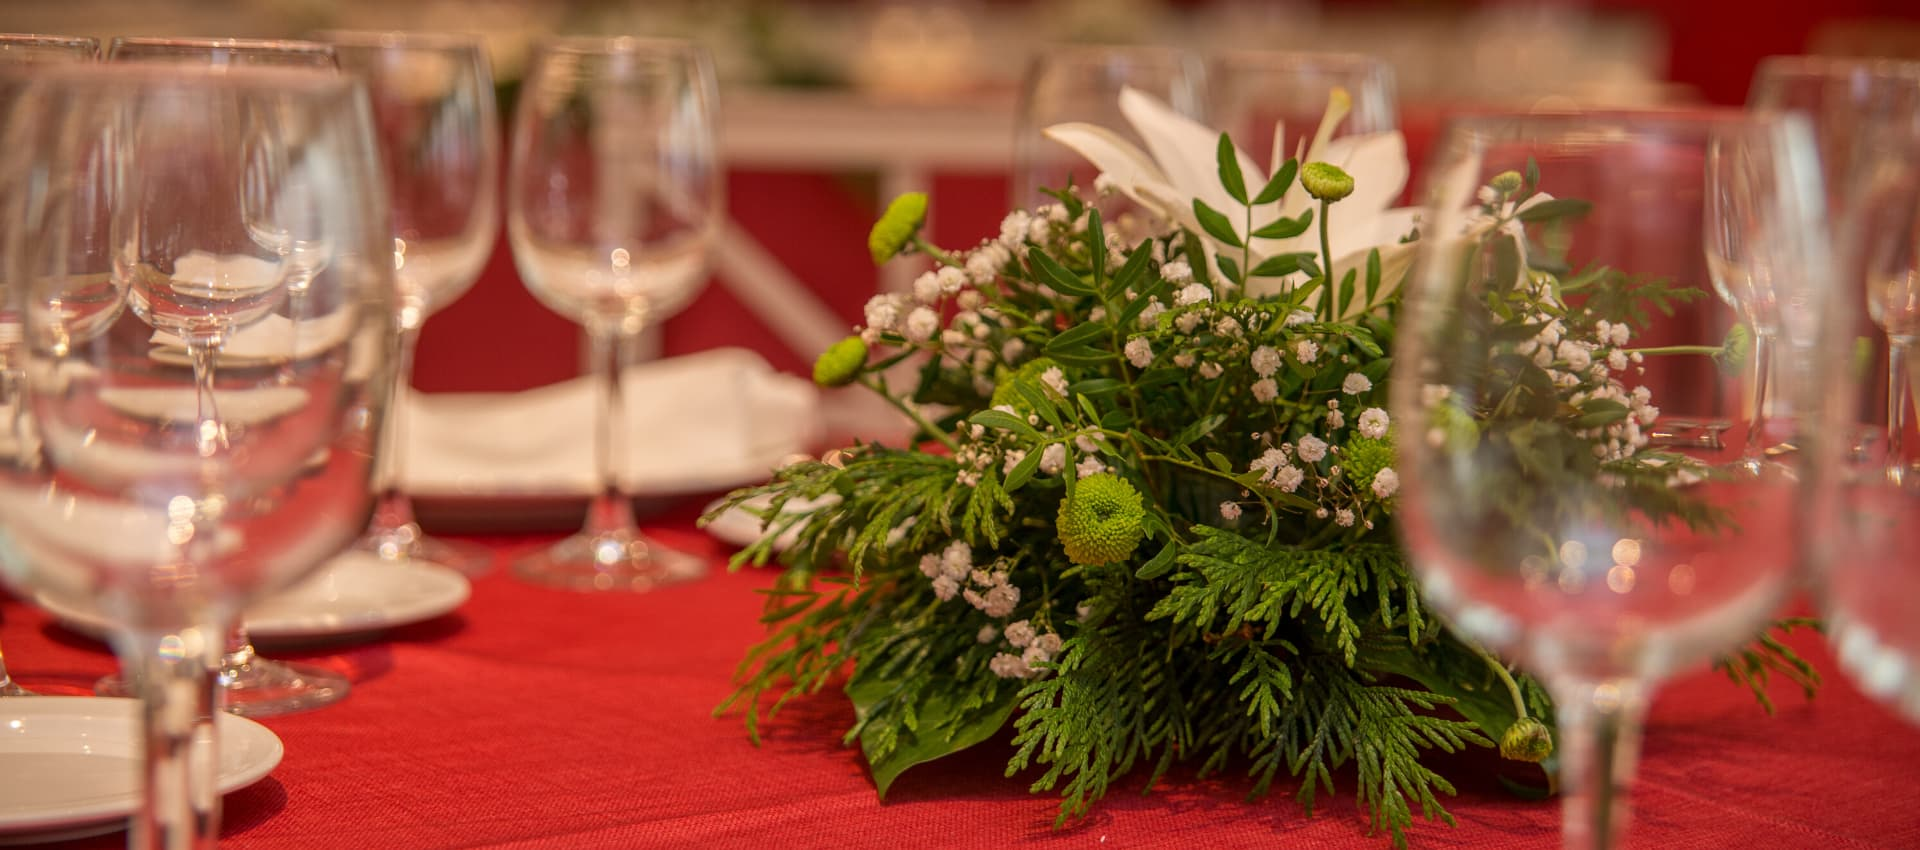 decorar una boda invierno